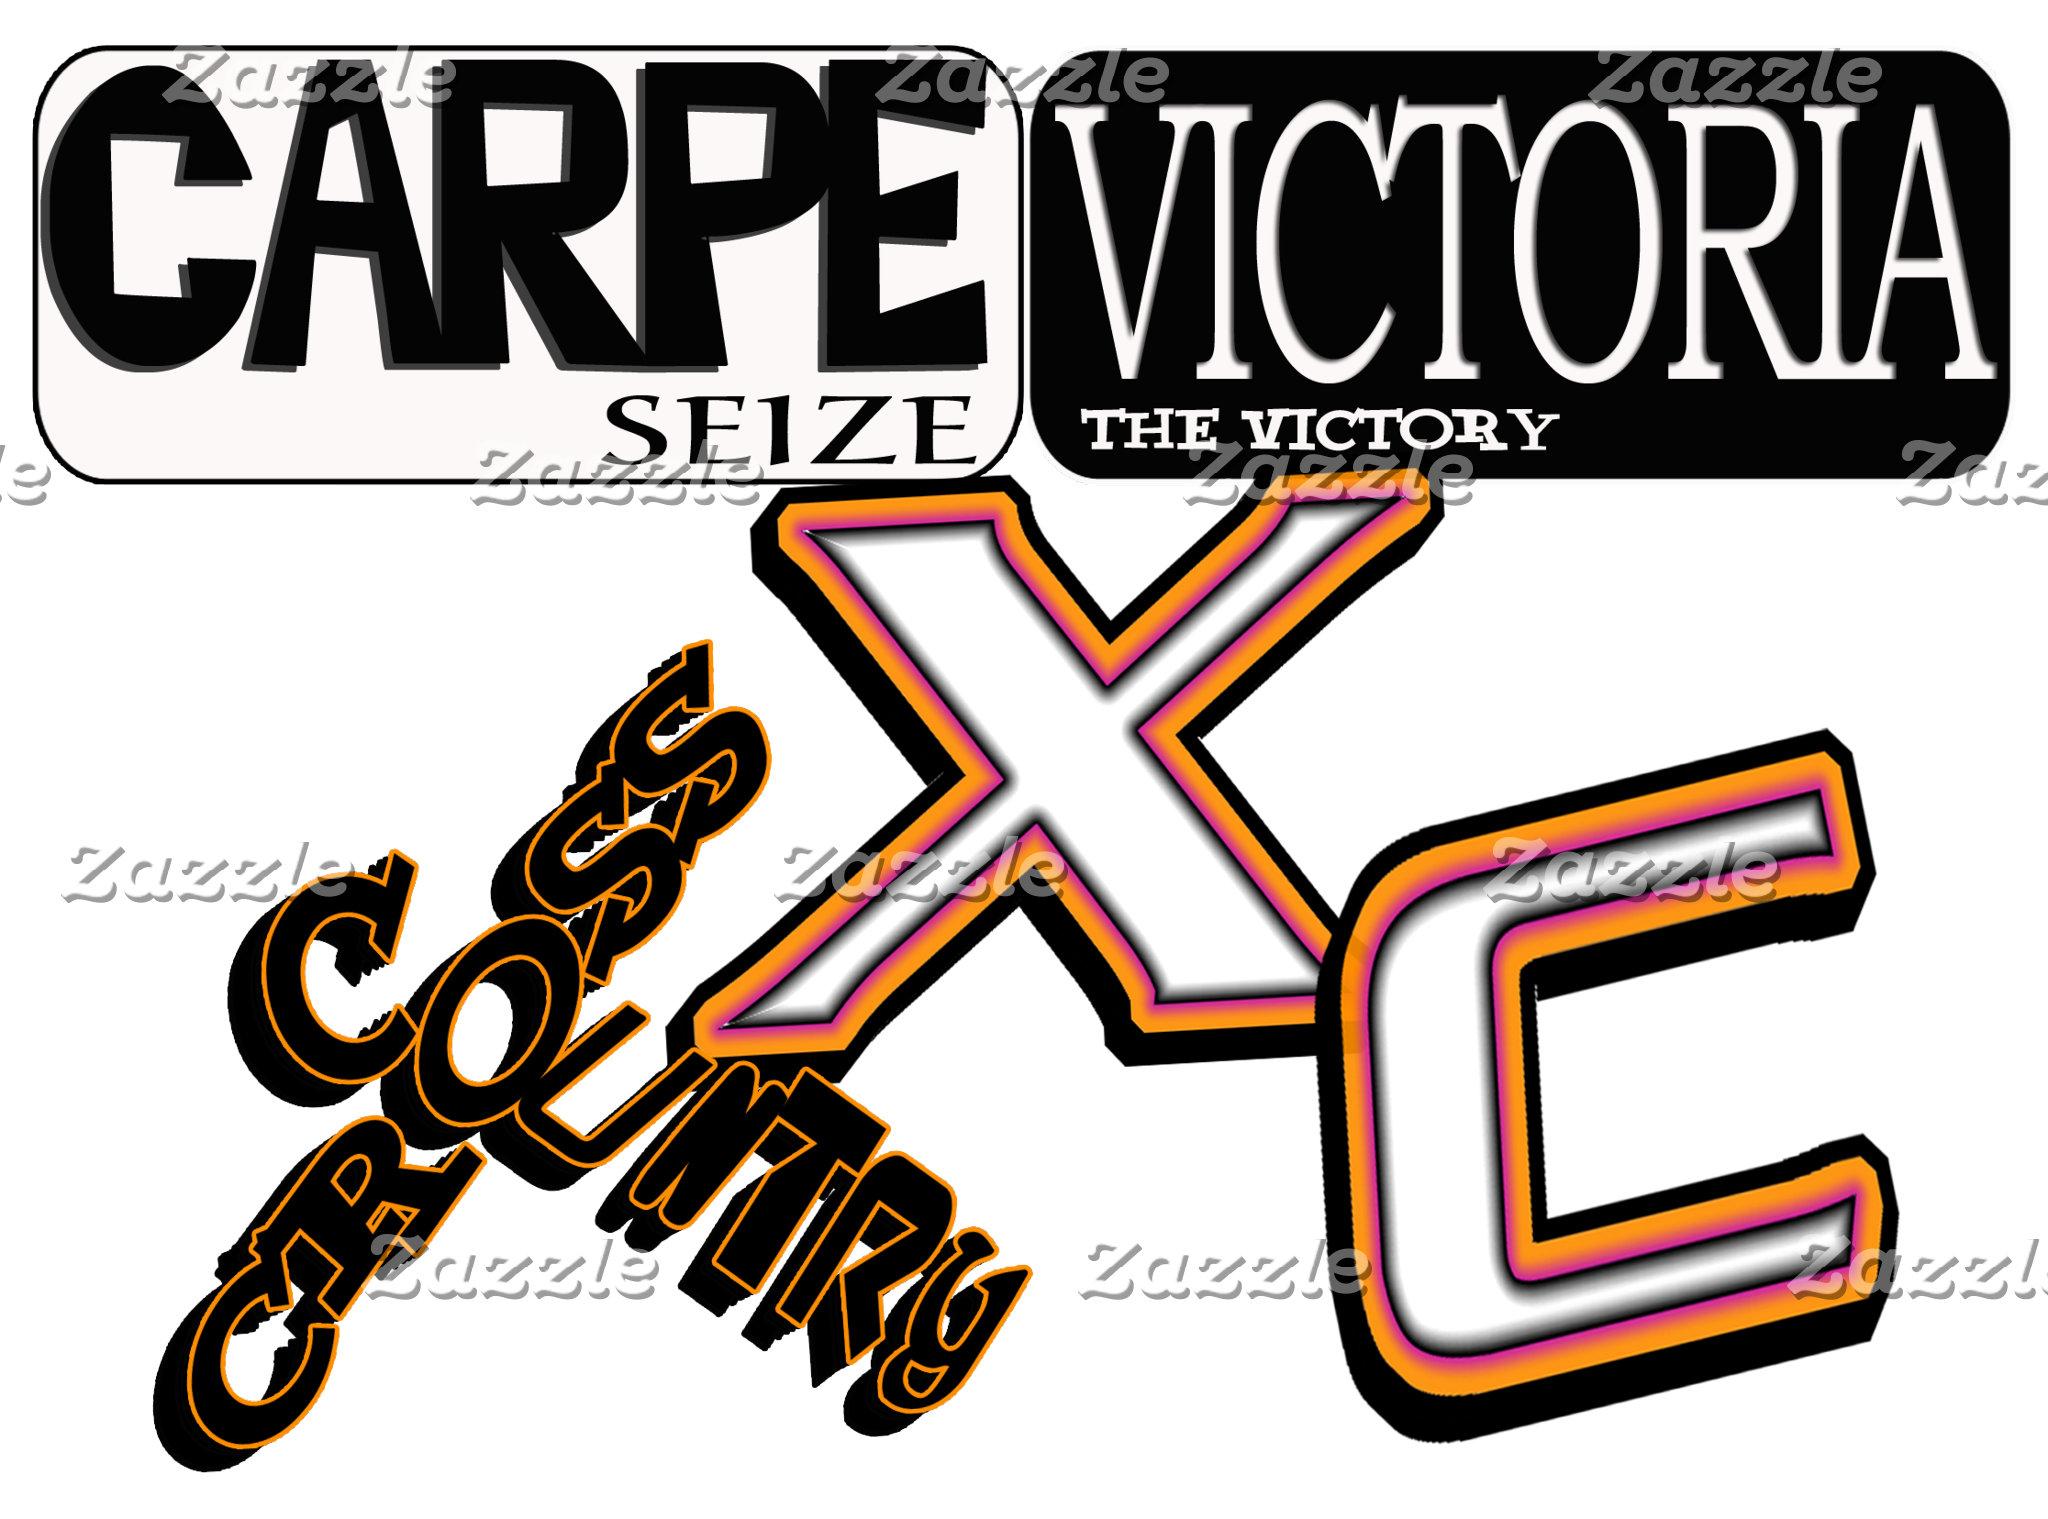 CARPE VICTORIA - SEIZE THE VICTORY